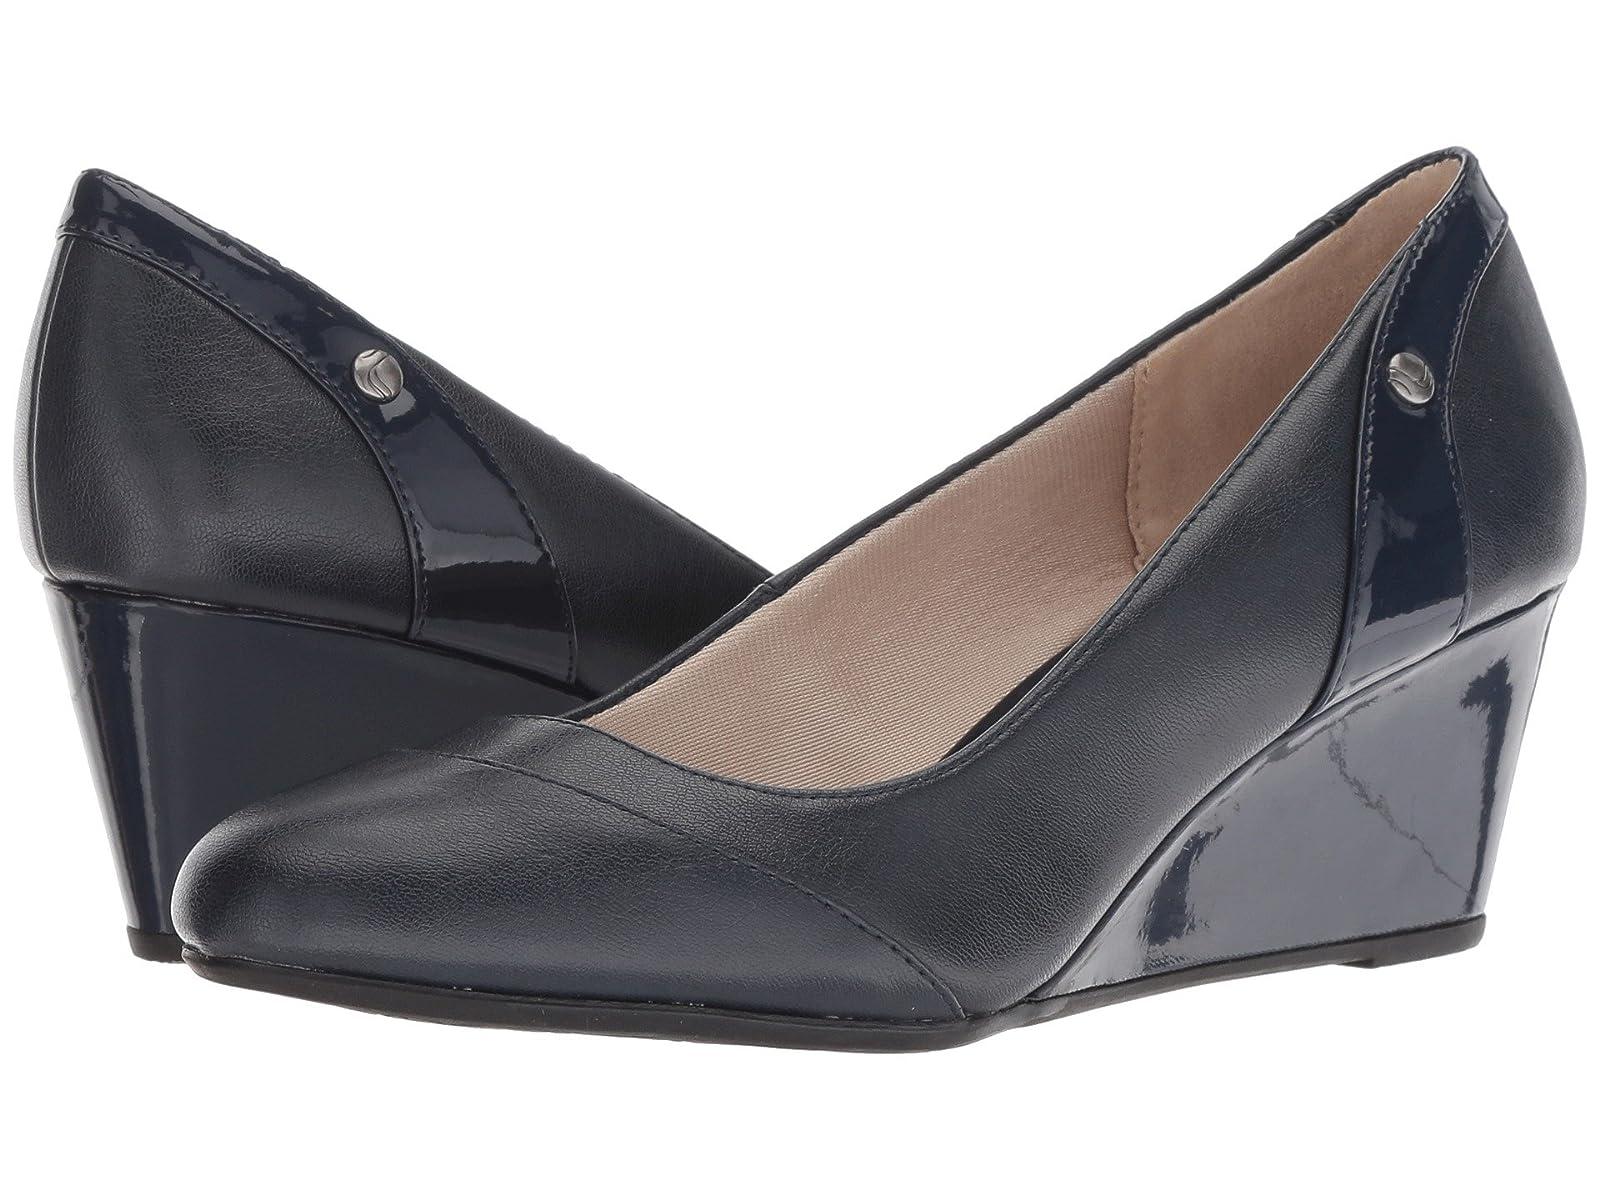 LifeStride DreamsAtmospheric grades have affordable shoes